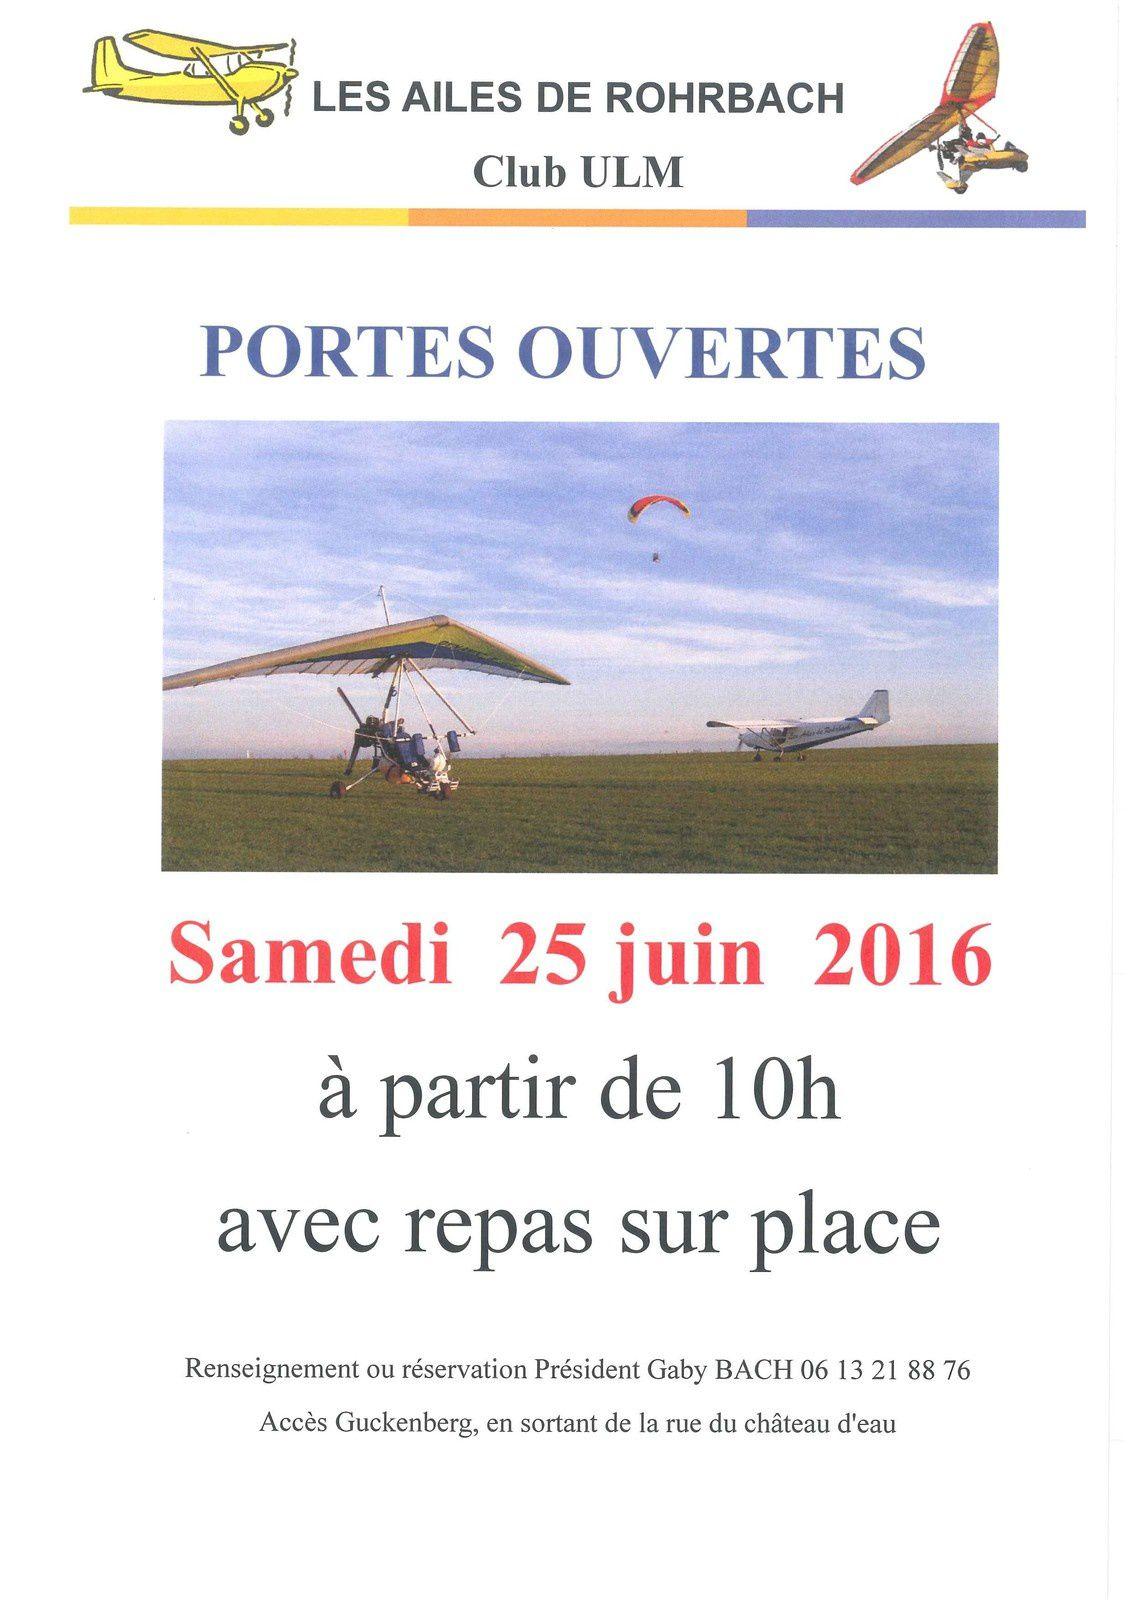 PORTES OUVERTES 25 JUIN 2016